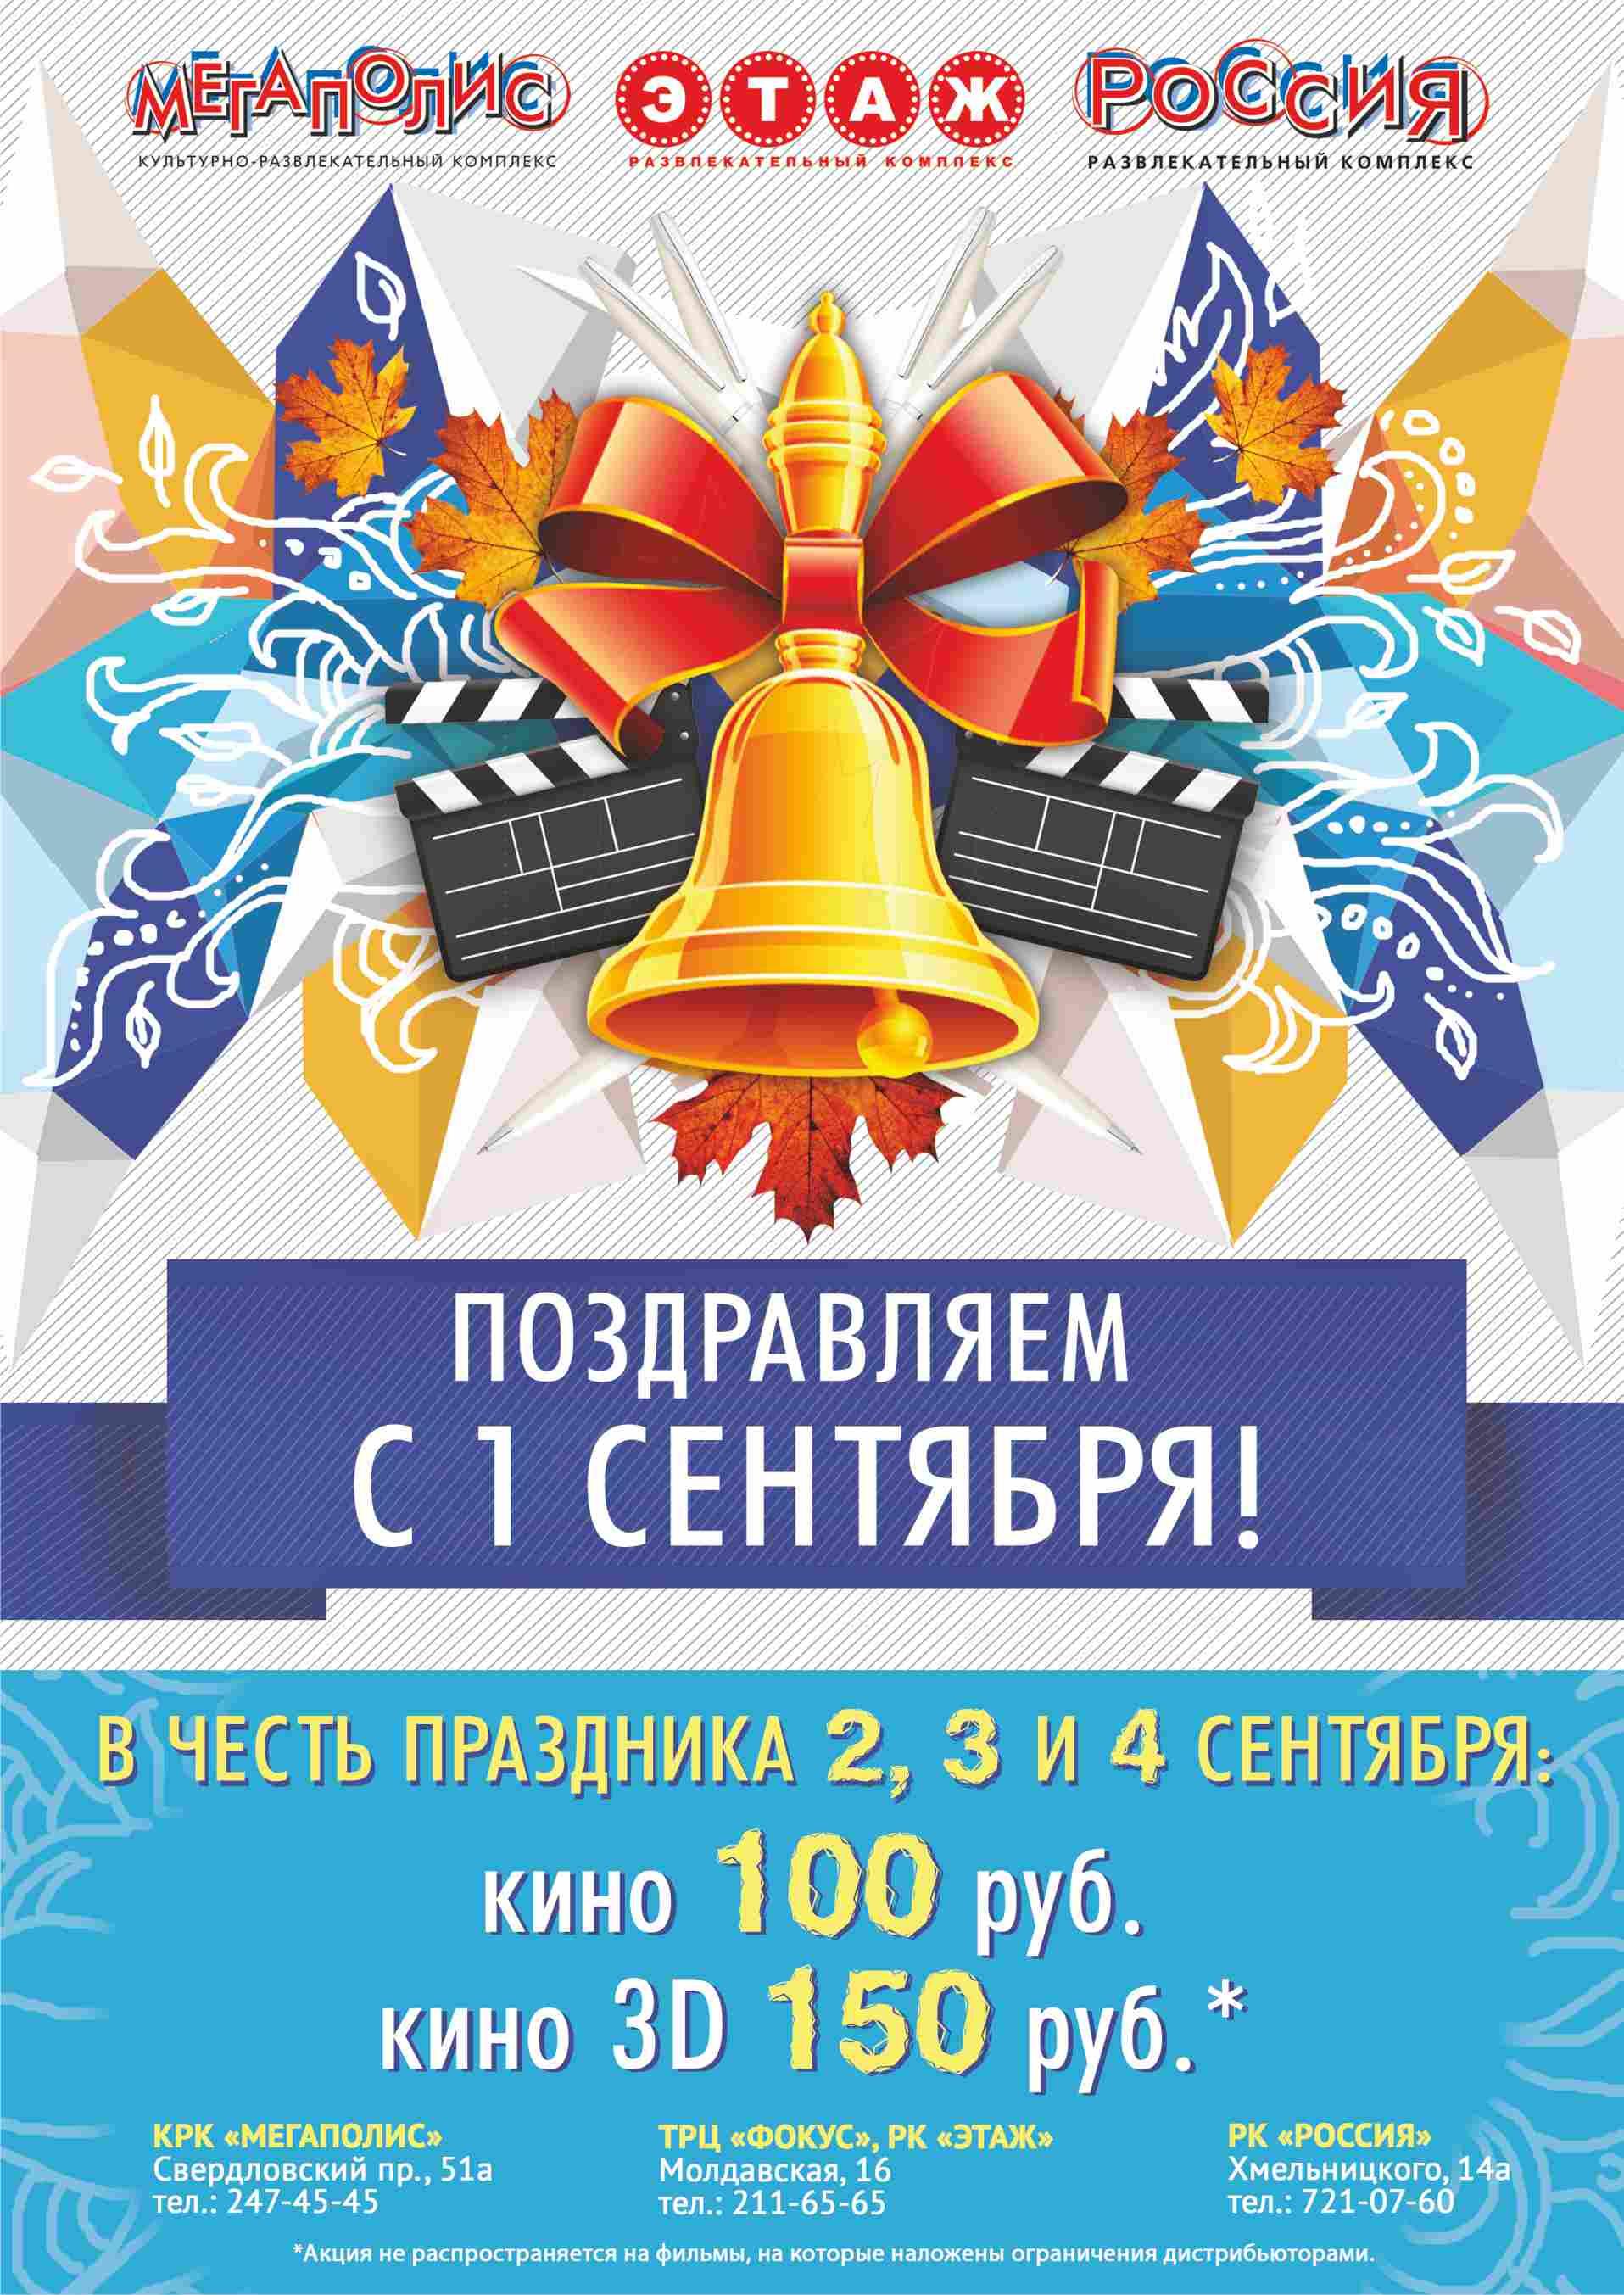 Как сообщили агентству «Урал-пресс-информ» в пресс-службе компании, 2, 3 и 4 сентября в кинотеатр